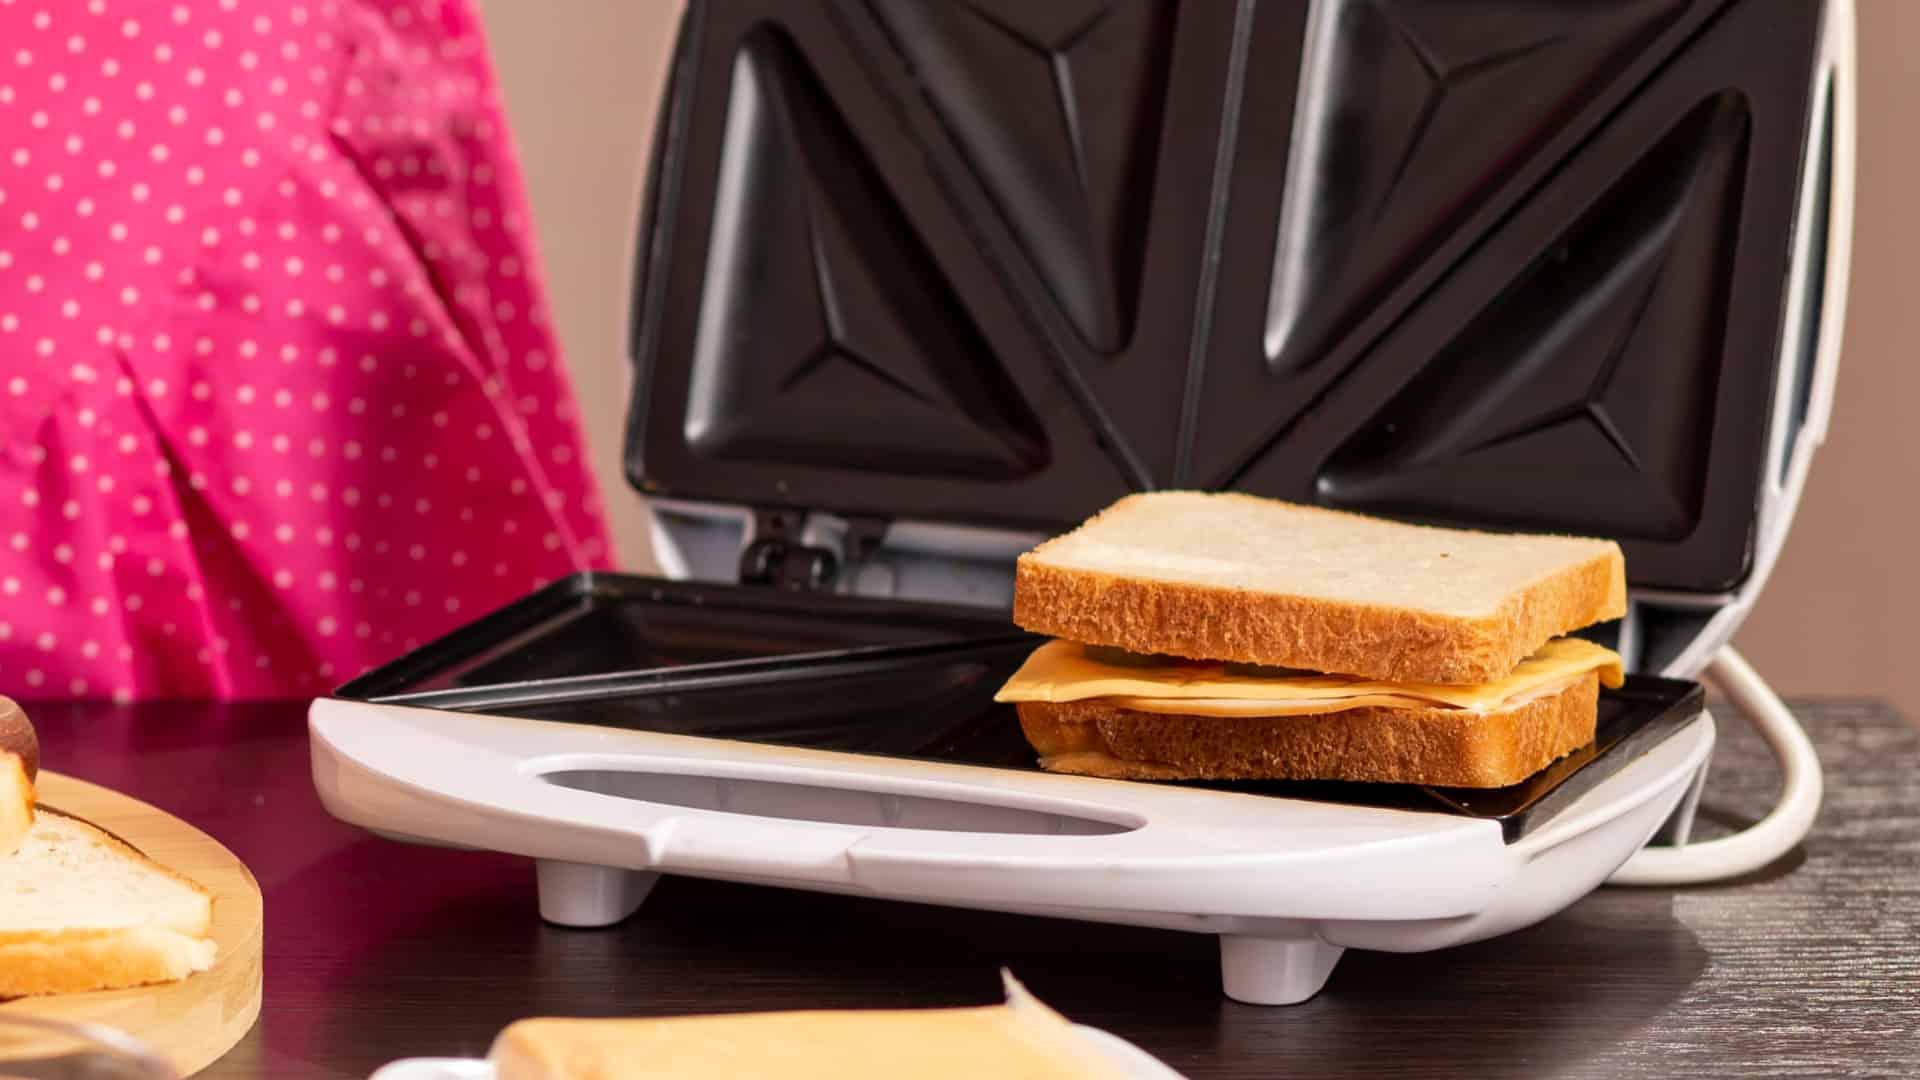 Imagem de sanduicheira com sanduíche dentro.